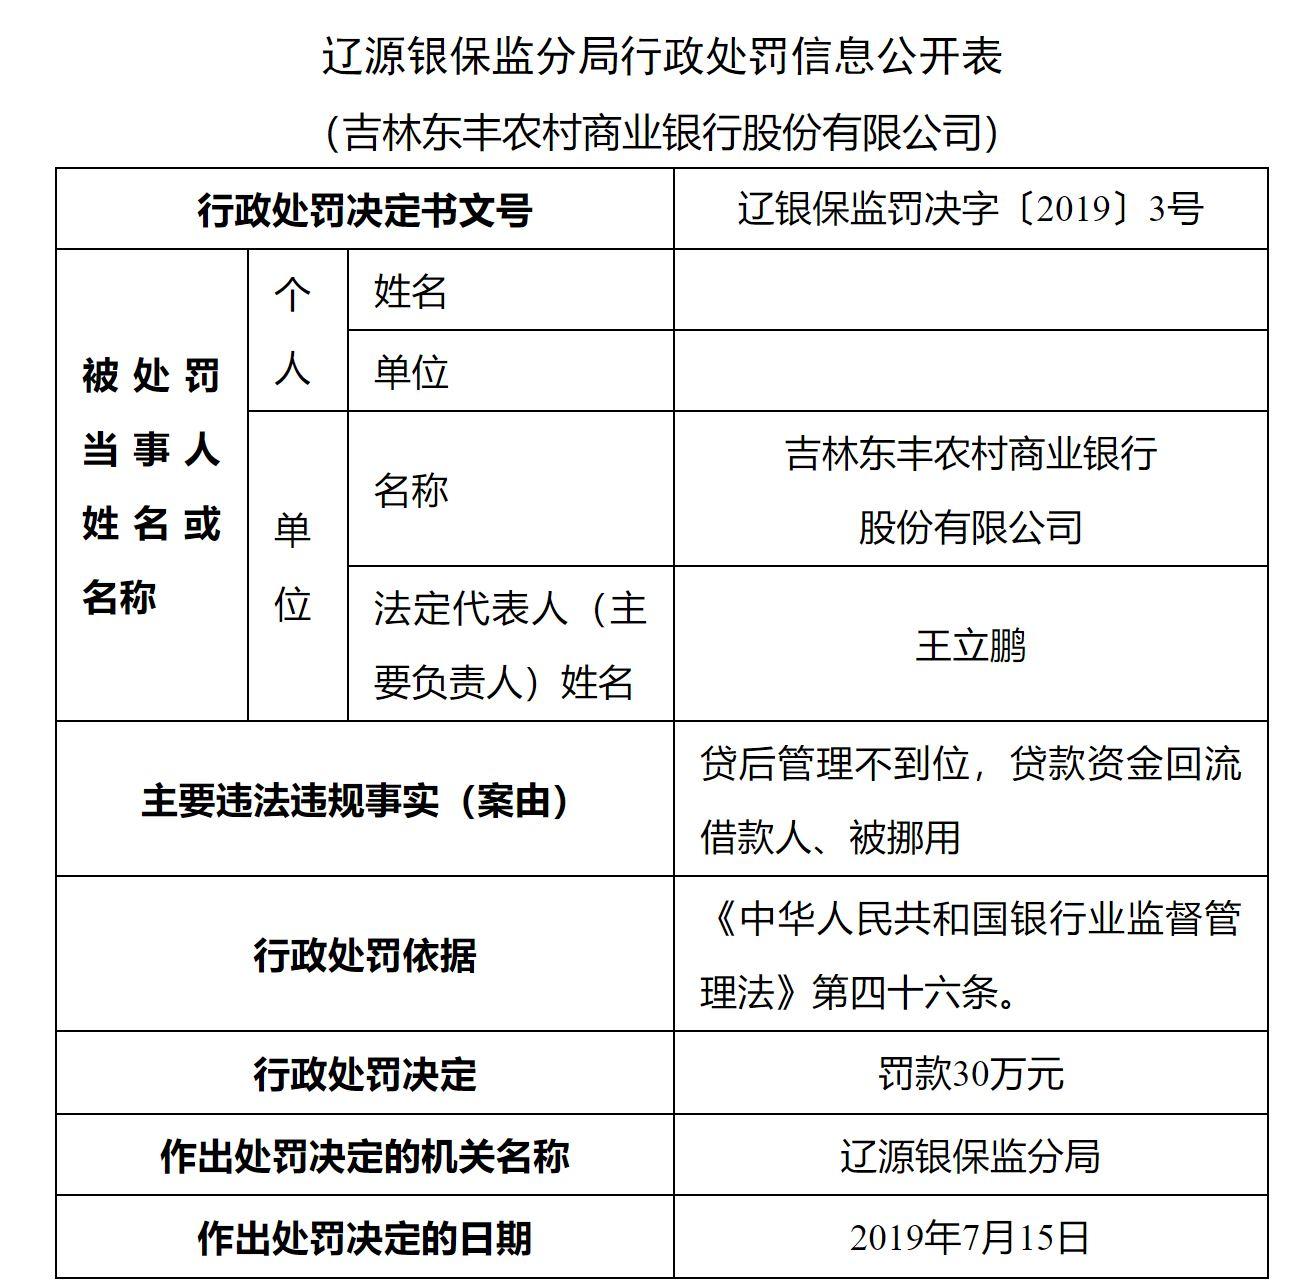 贷后管理不到位 吉林东丰农商行被罚30万两员工被警告